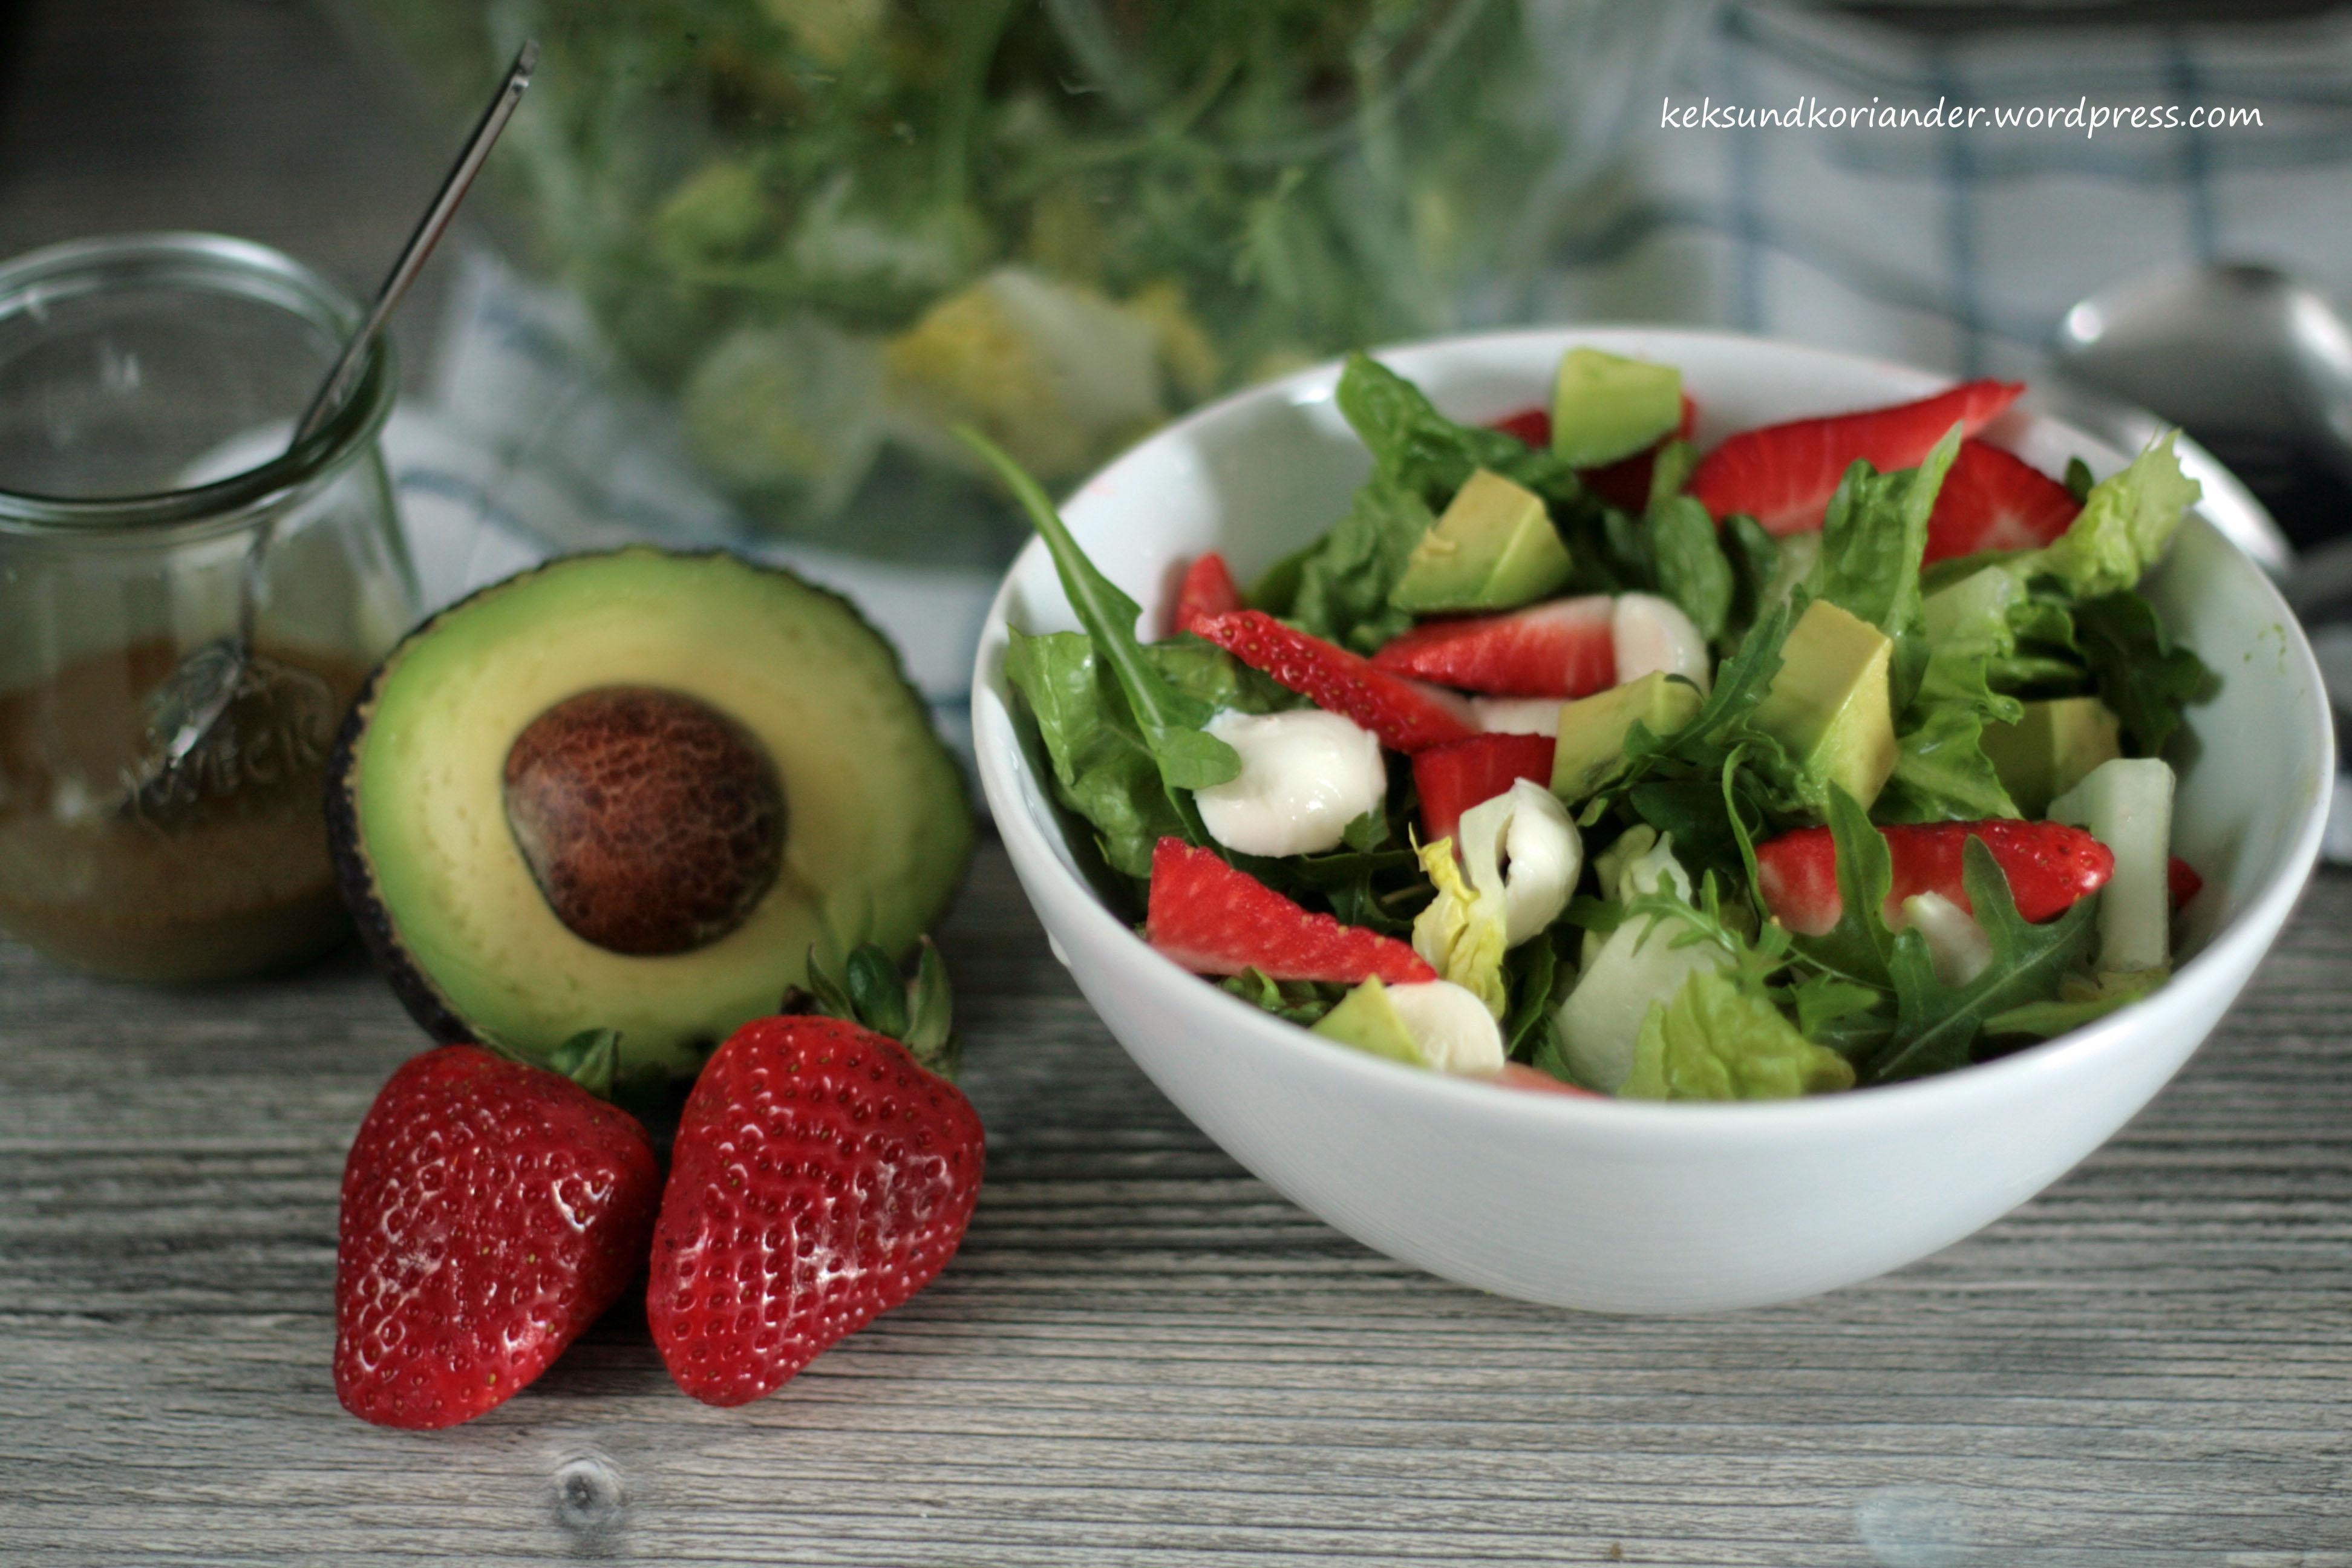 Sommersalat mit Erdbeeren, Avokado und Mozzarella